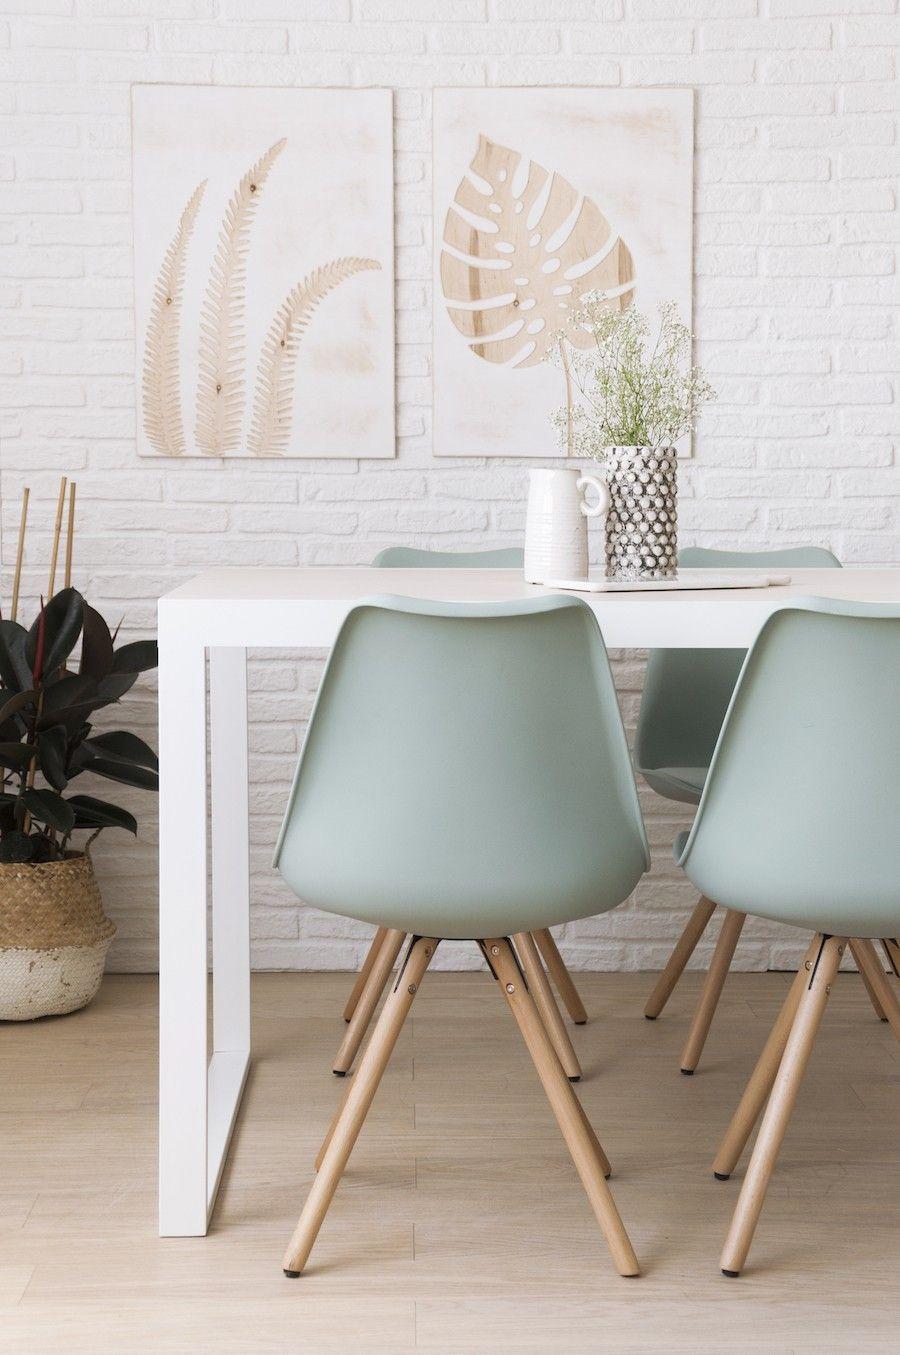 Ivy ;;DecorDecor Y Room Dining En 2019Home Silla Verde Ygvbmf7I6y